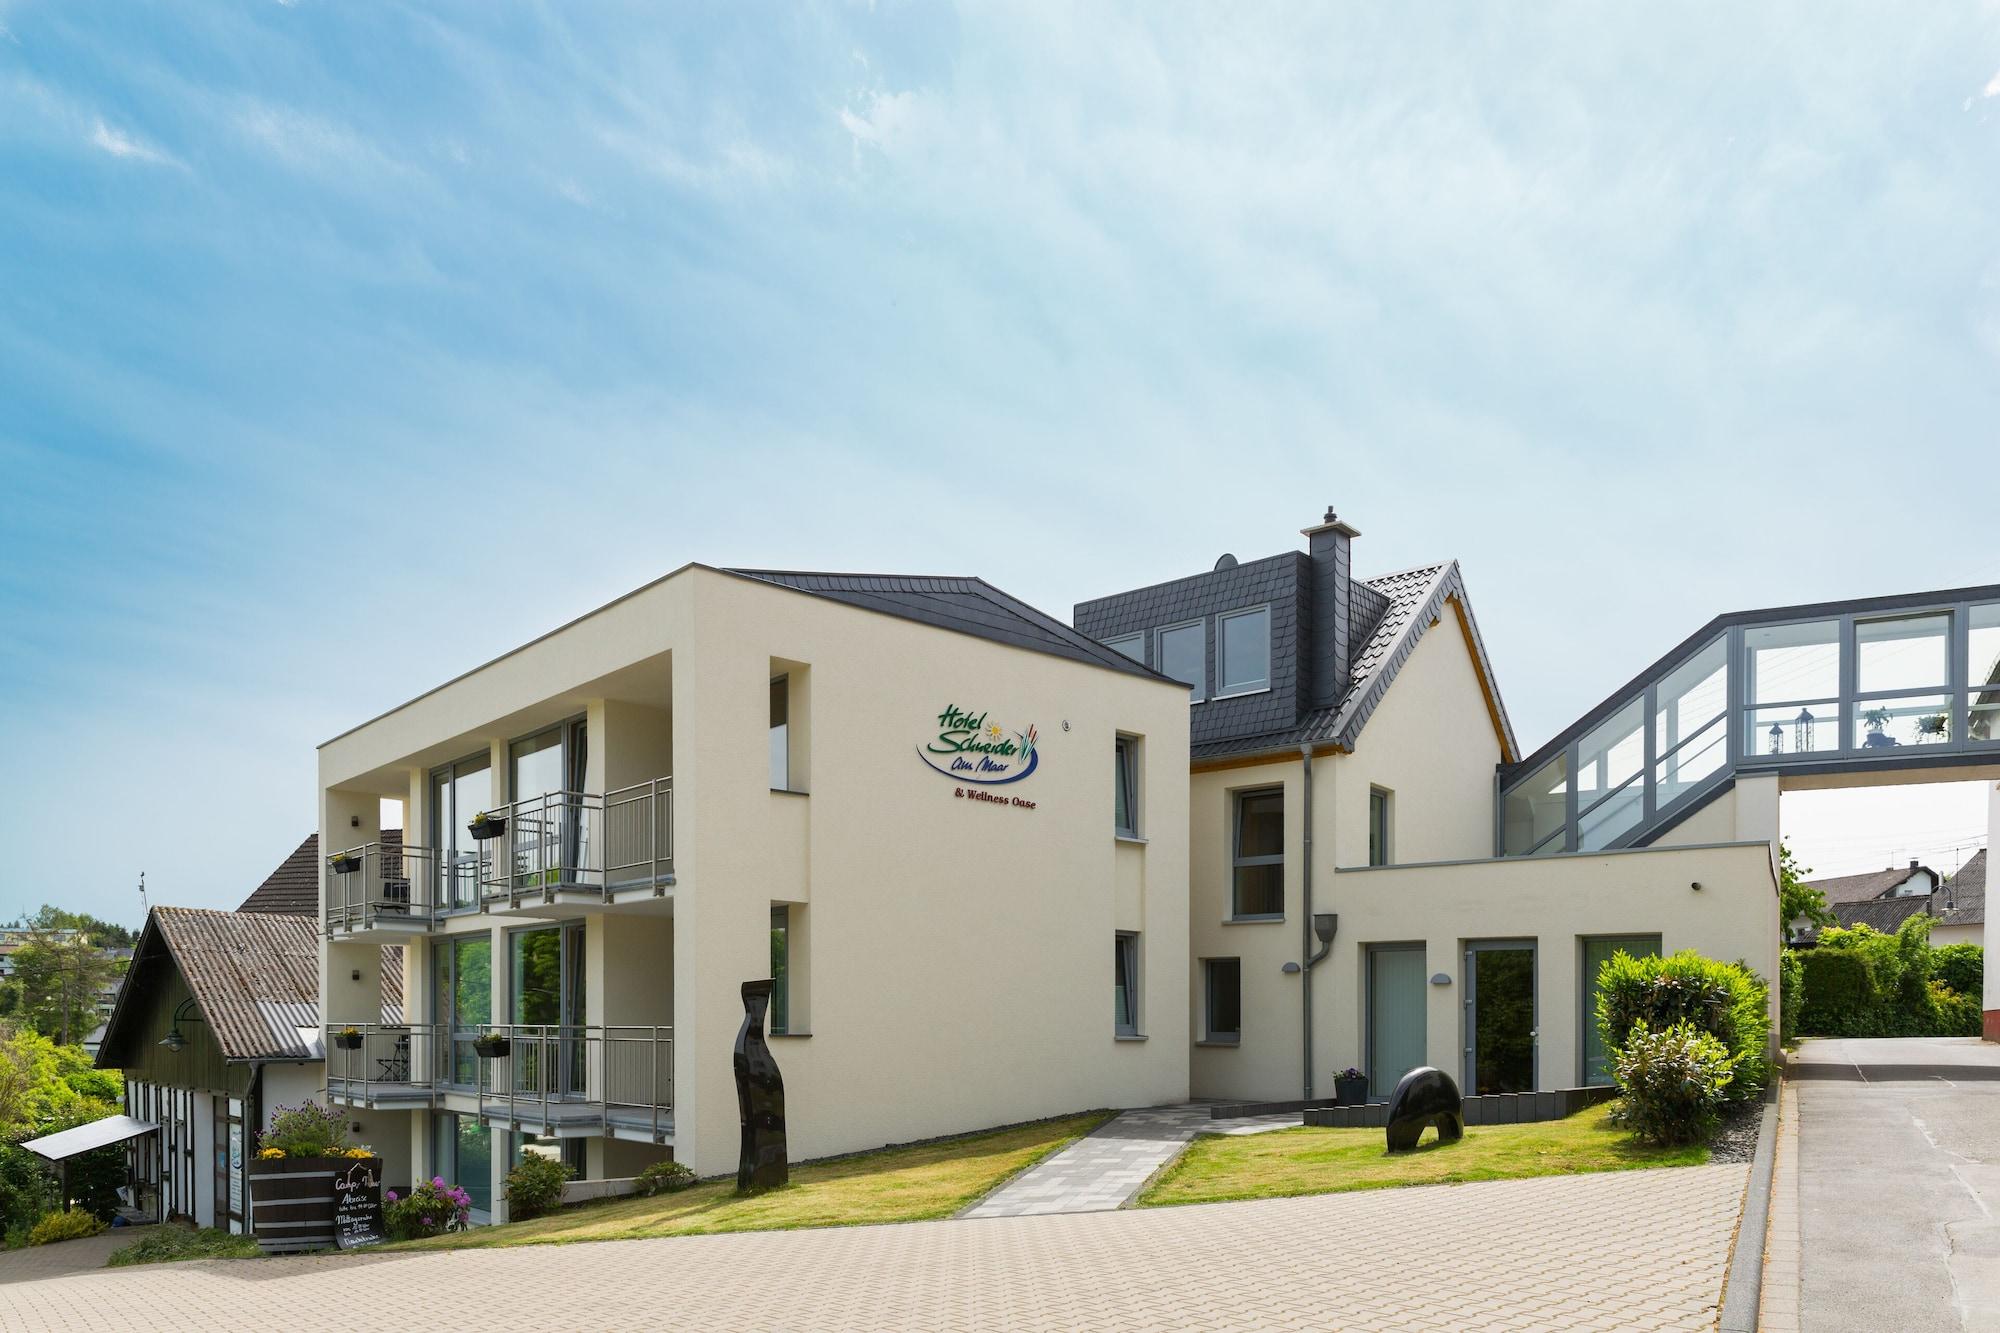 Hotel Schneider am Maar, Vulkaneifel